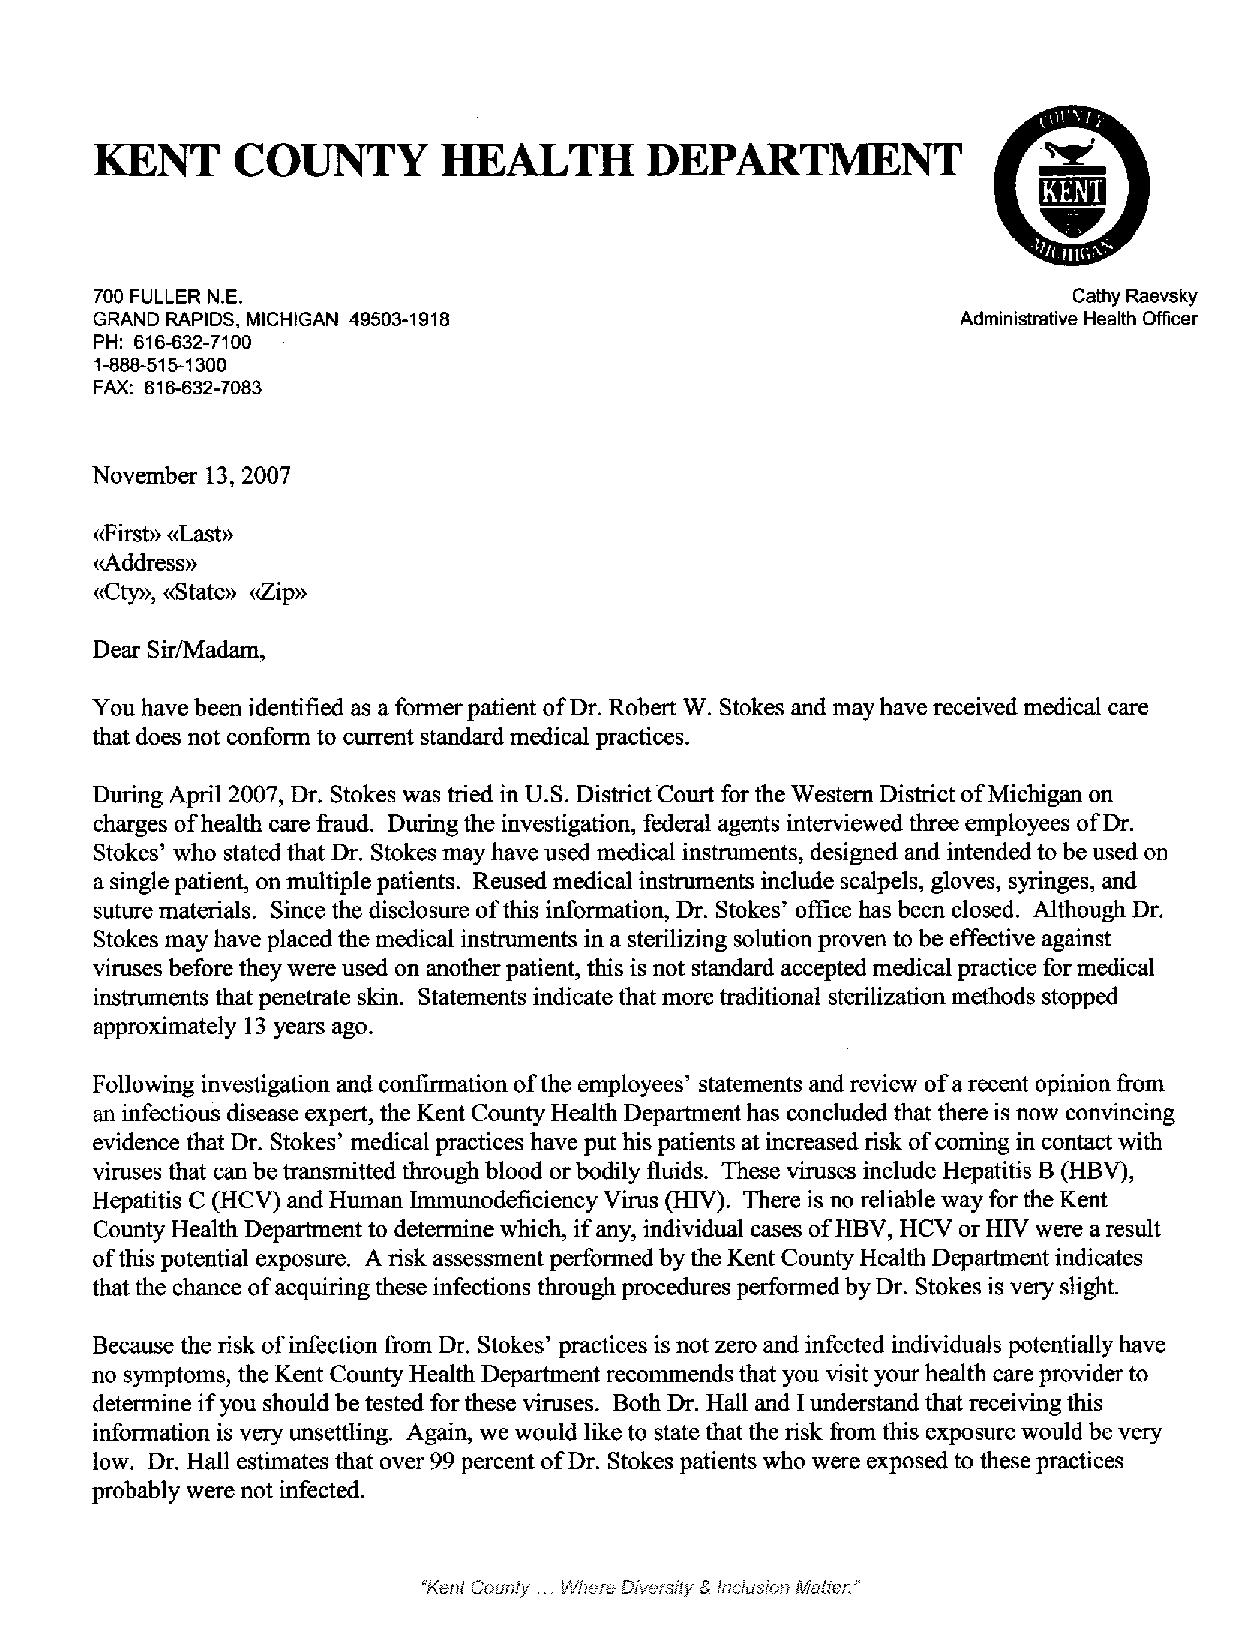 Sample Medical Bill and Medical Bill Dispute Letter Sample Credit Repair Secrets Exposed